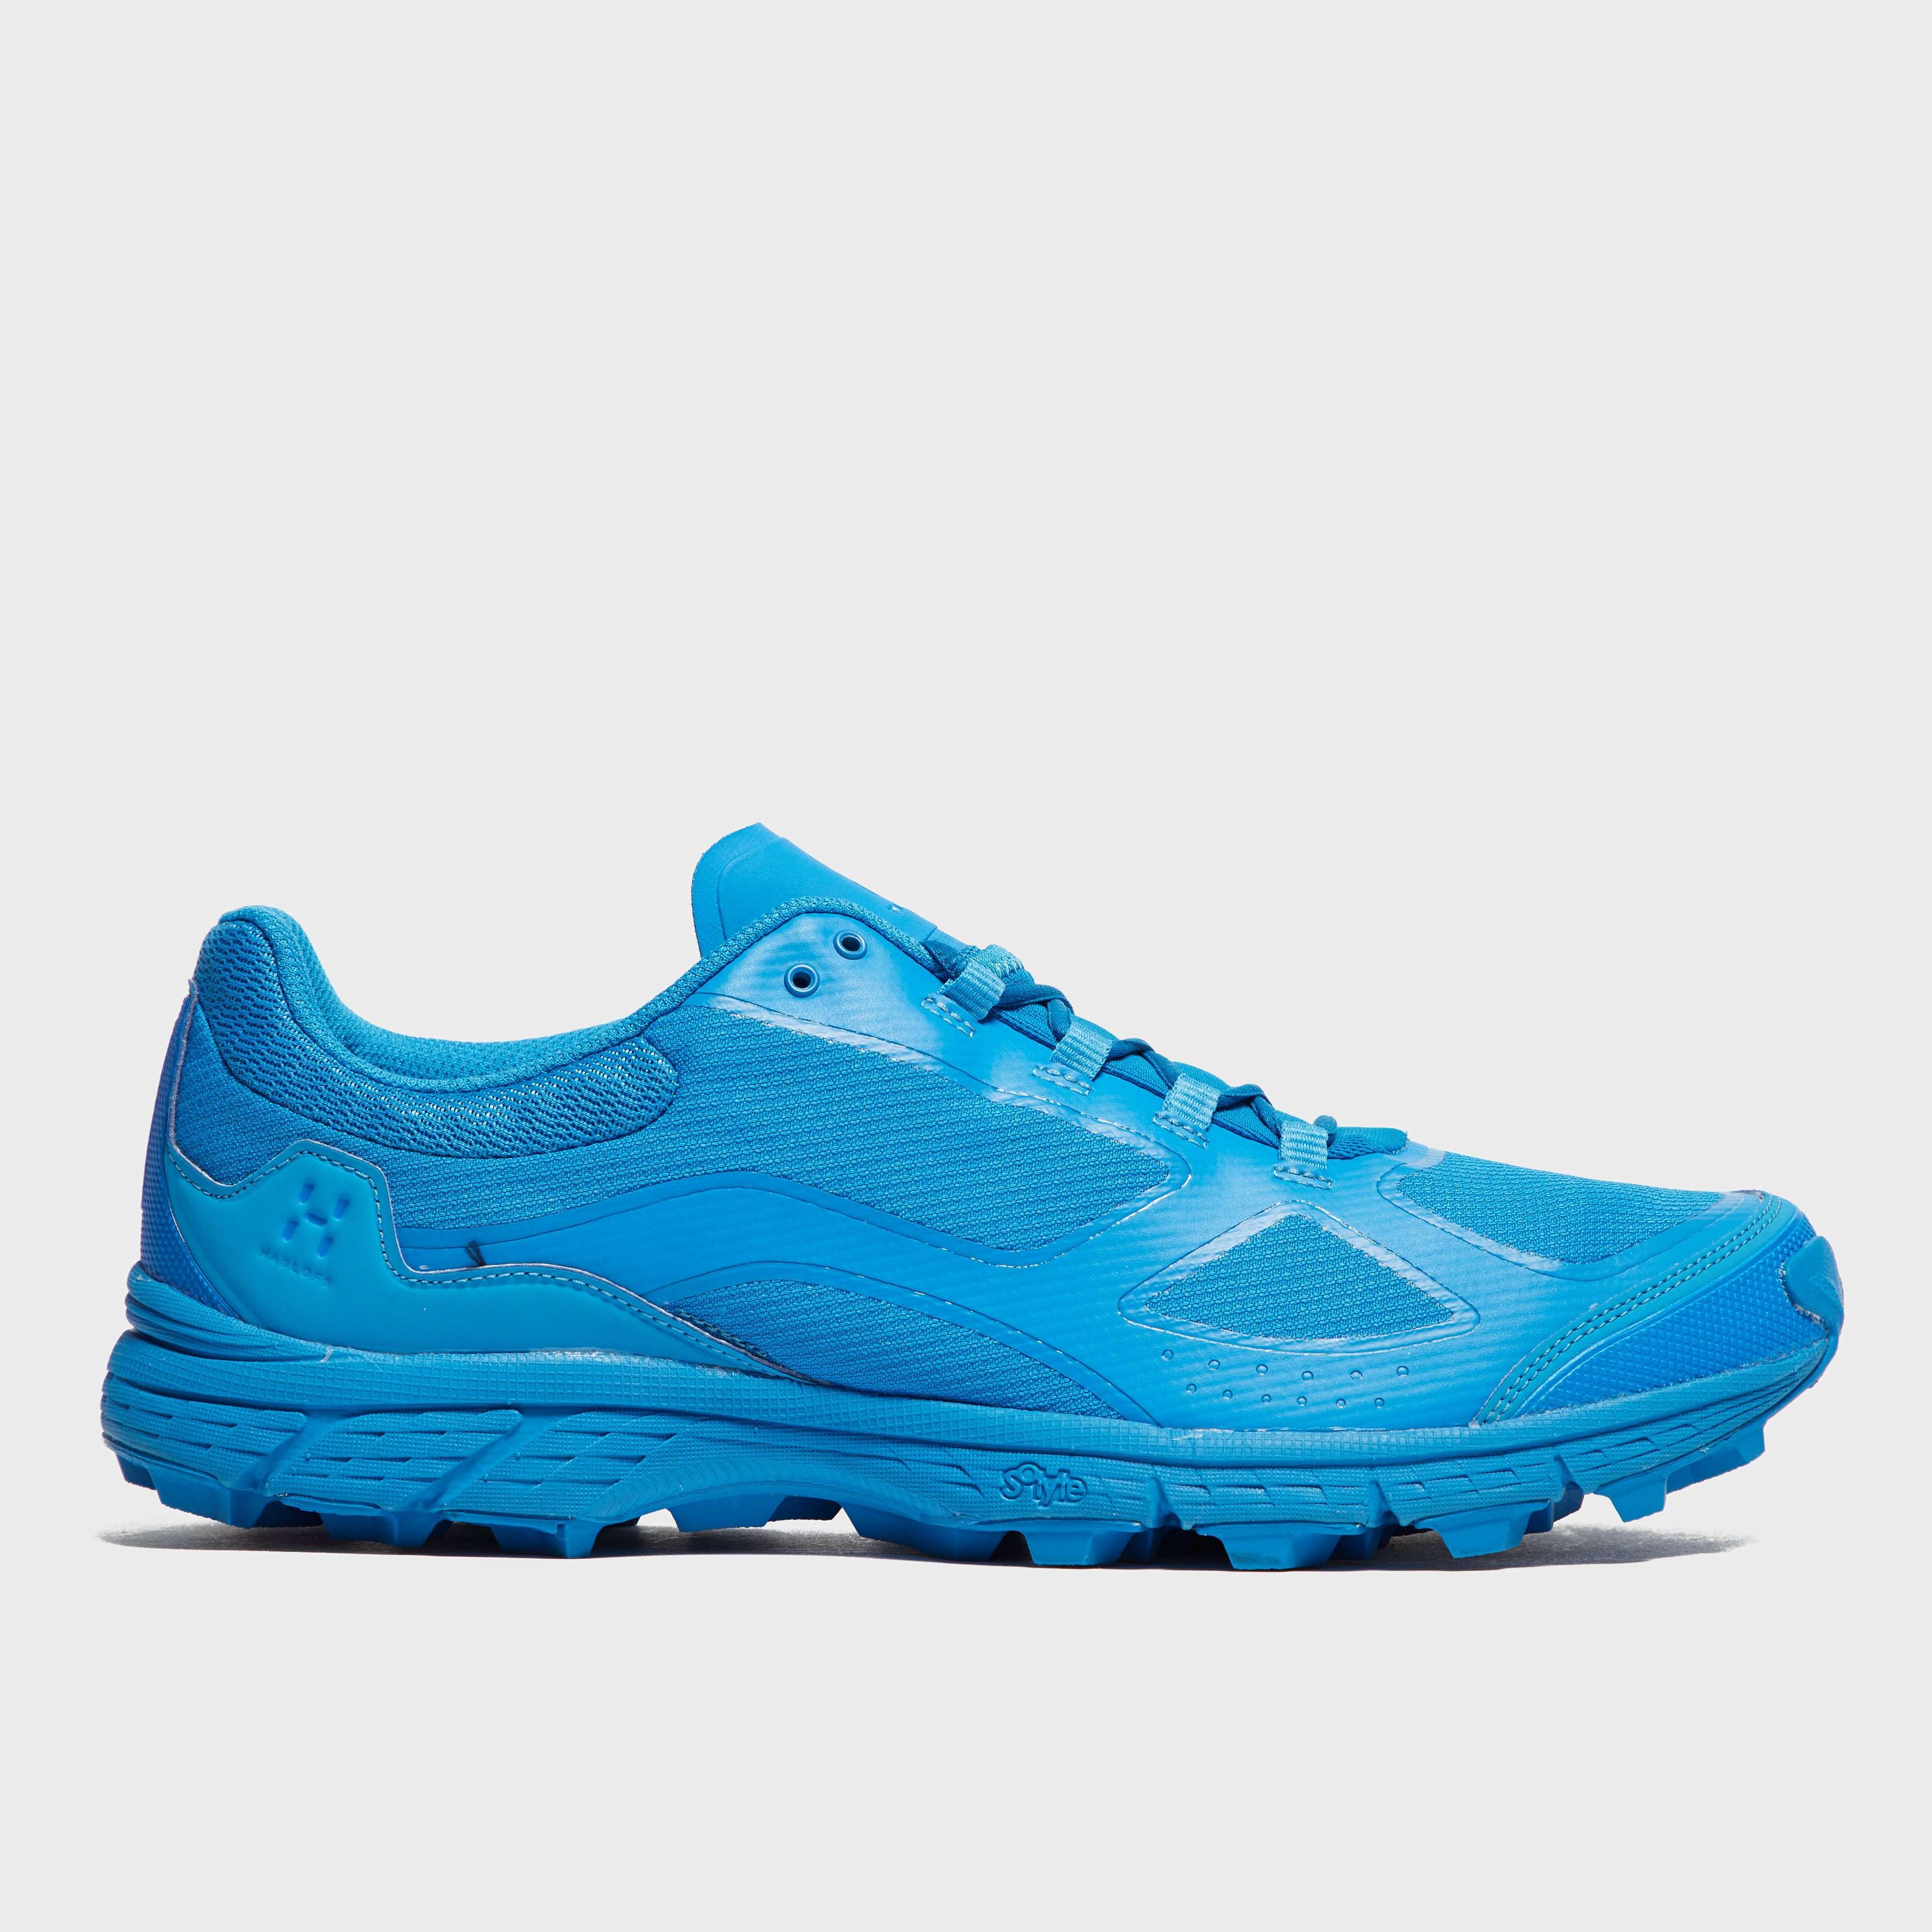 HAGLOFS Gram Comp Trail Running Shoe